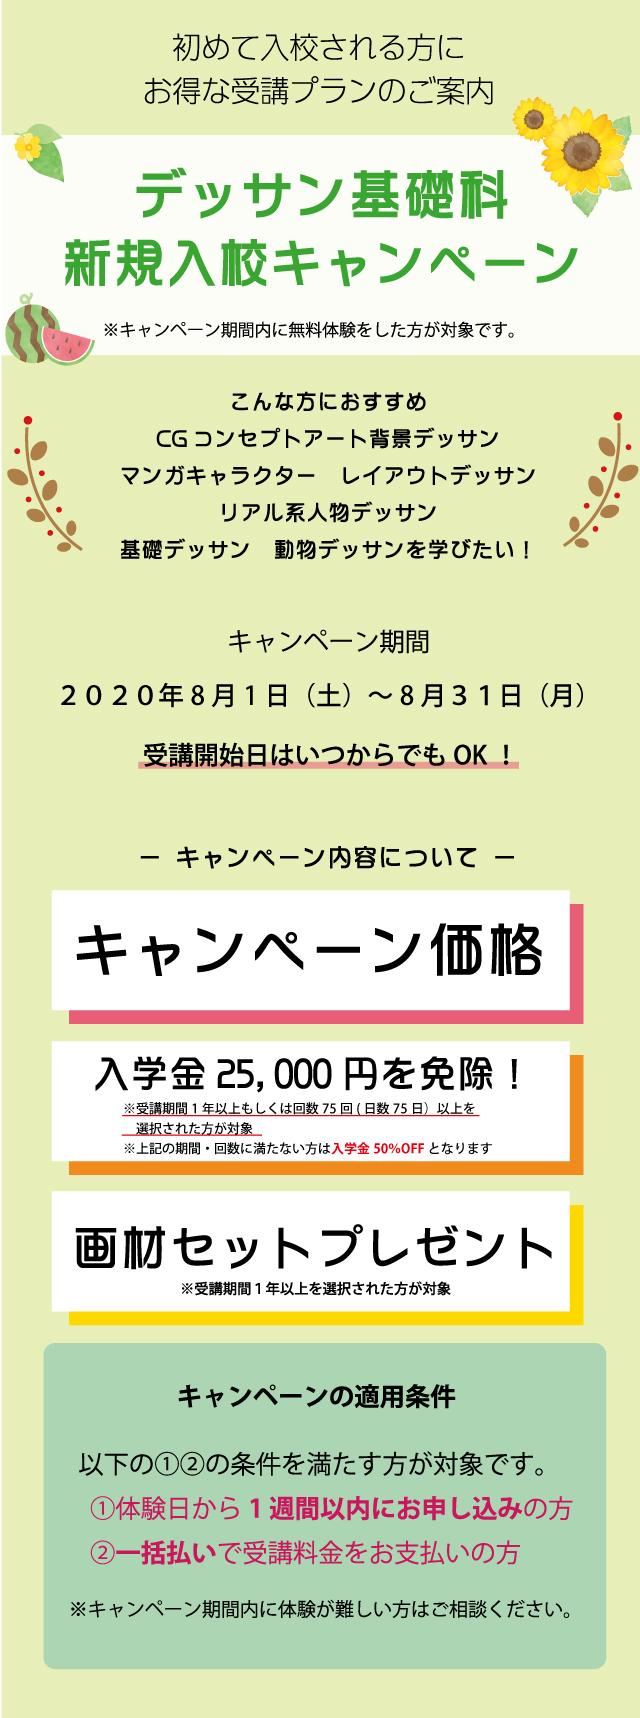 デッサン科キャンペーン8月sp